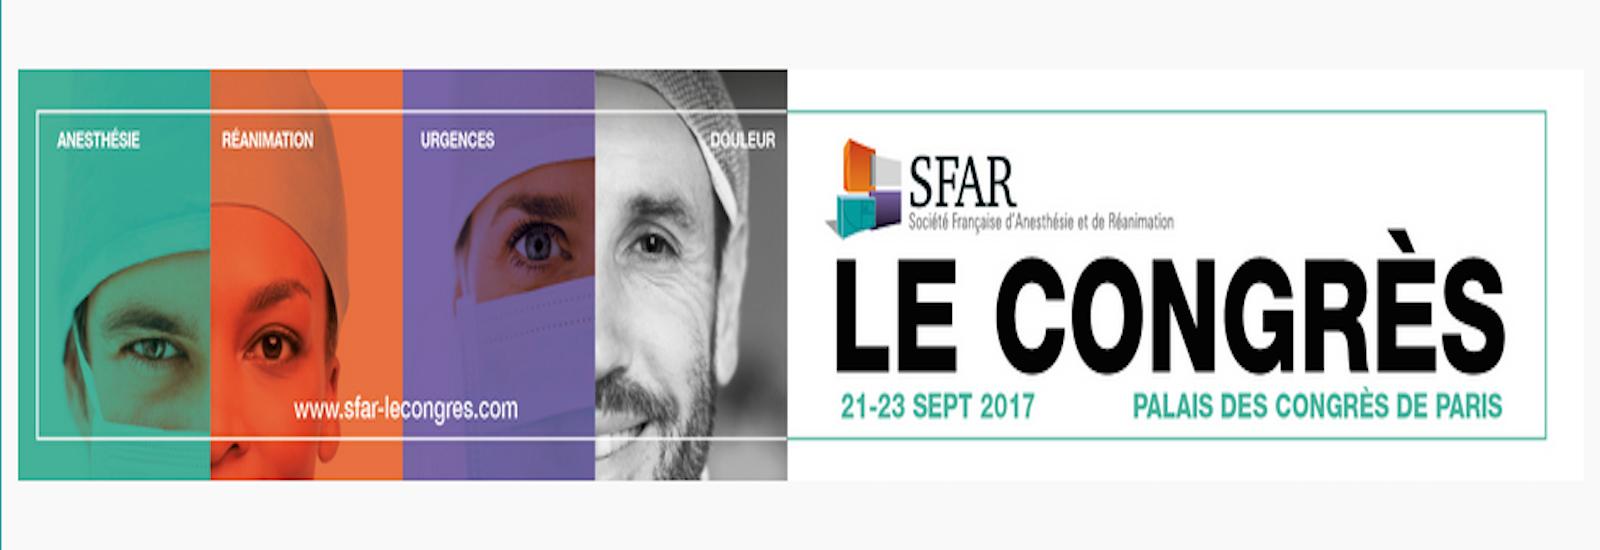 Congrès SFAR 2017 : découvrez les programmes DPC